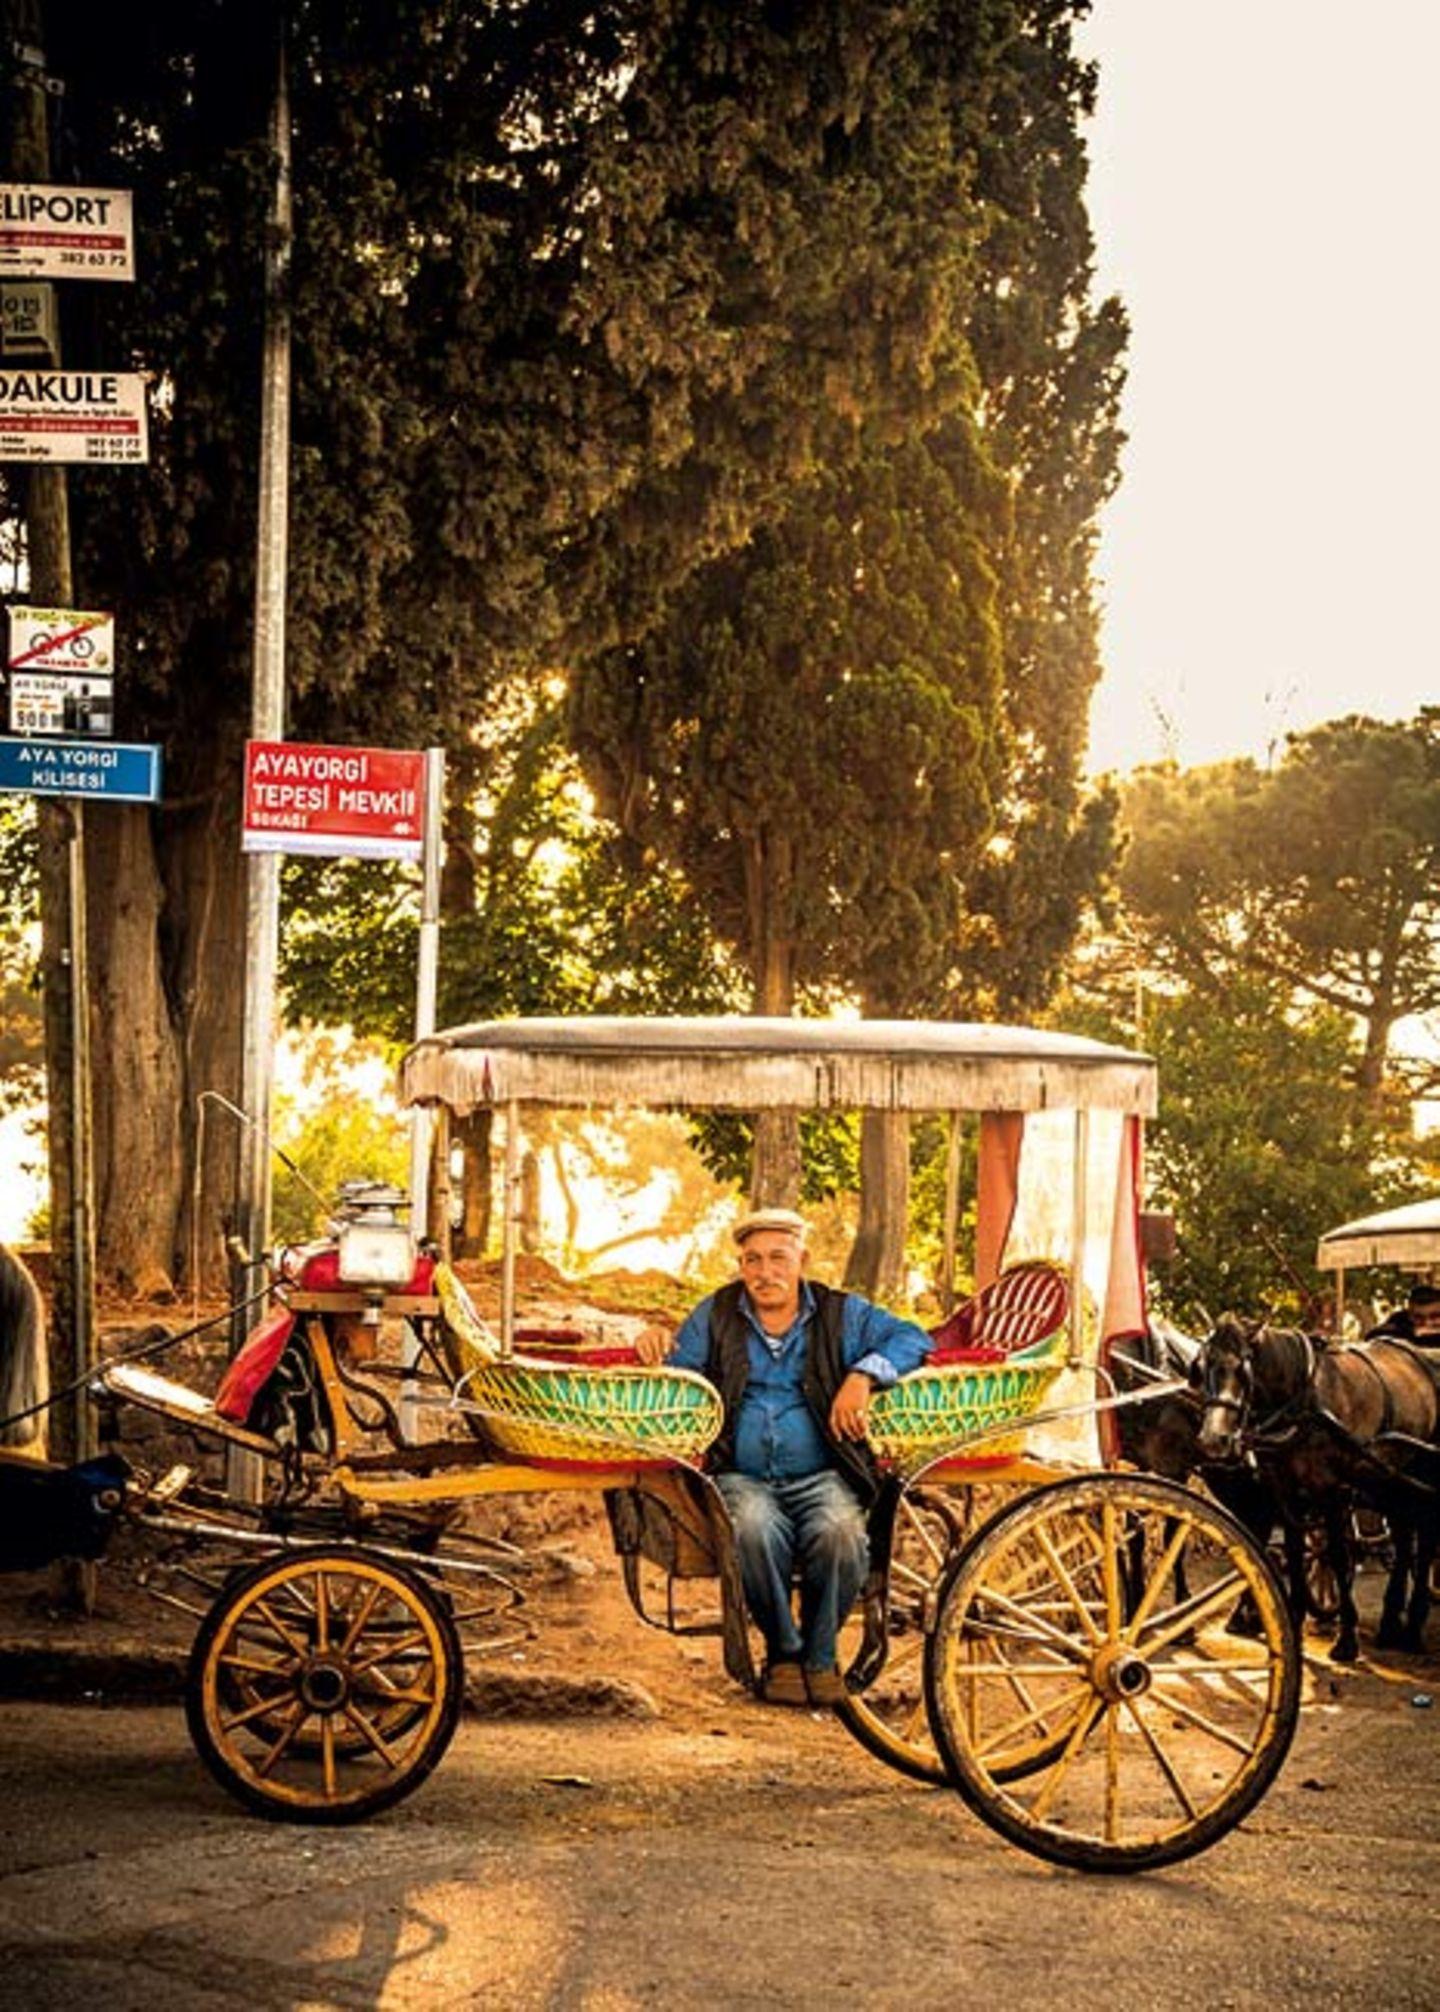 Fotogalerie: Istanbul - Stadt als Achterbahn - Bild 9